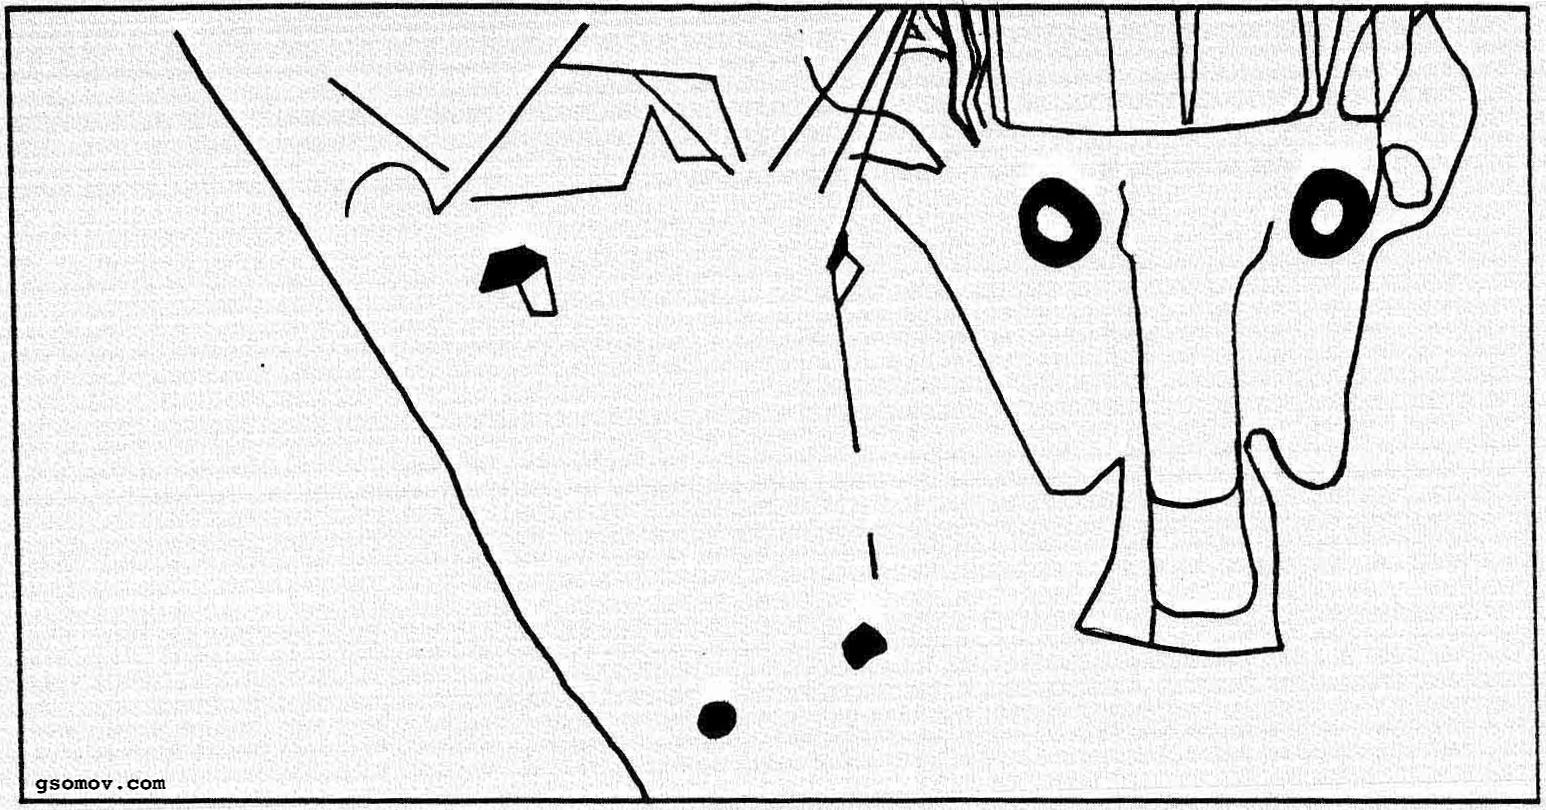 Рис. 11. «Боярыня Морозова». Скрытые знаки (коннотации) картины: морды зверей в организующих линиях картины.